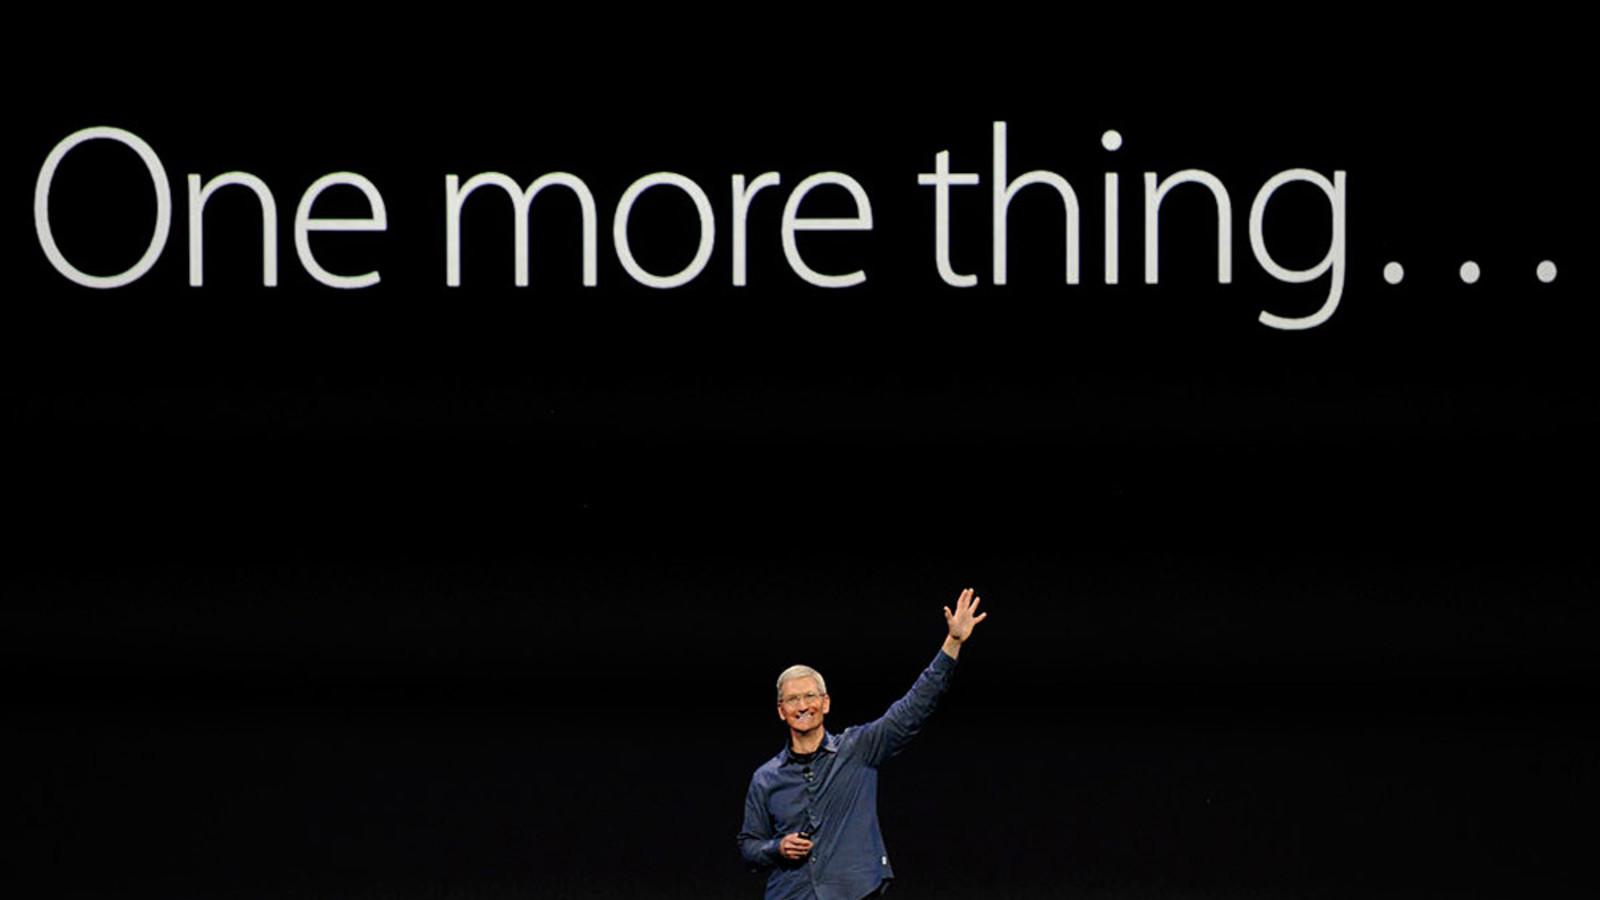 Die Apple Watch bekommt eine Nase. Klingt witzig, hat aber einen ernsten Hintergrund.